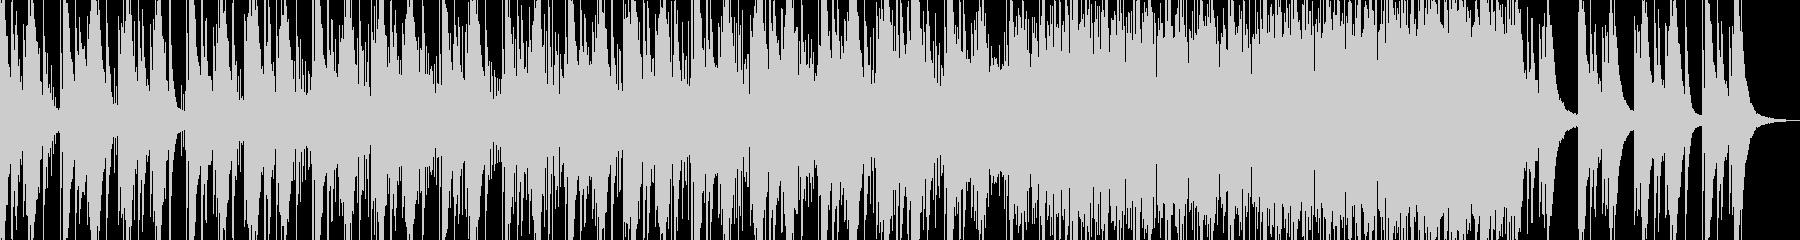 スタイリッシュなCM、ショートムービーの未再生の波形